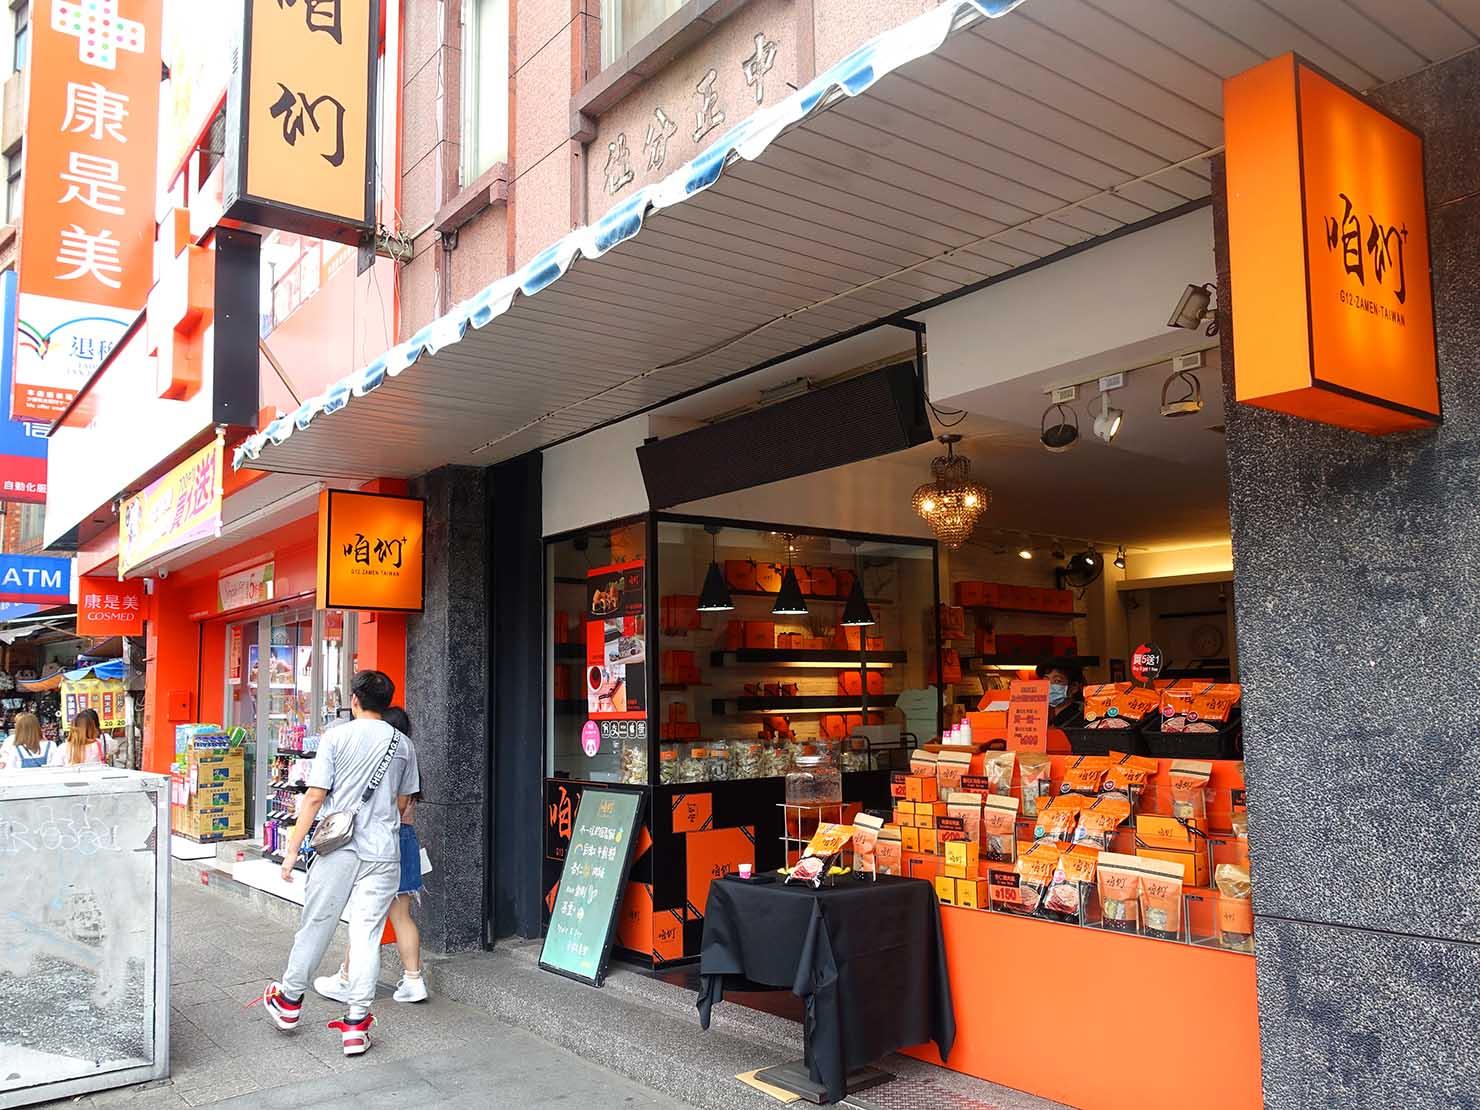 台北・淡水老街のおすすめスポット「中正路」に並ぶおみやげ店